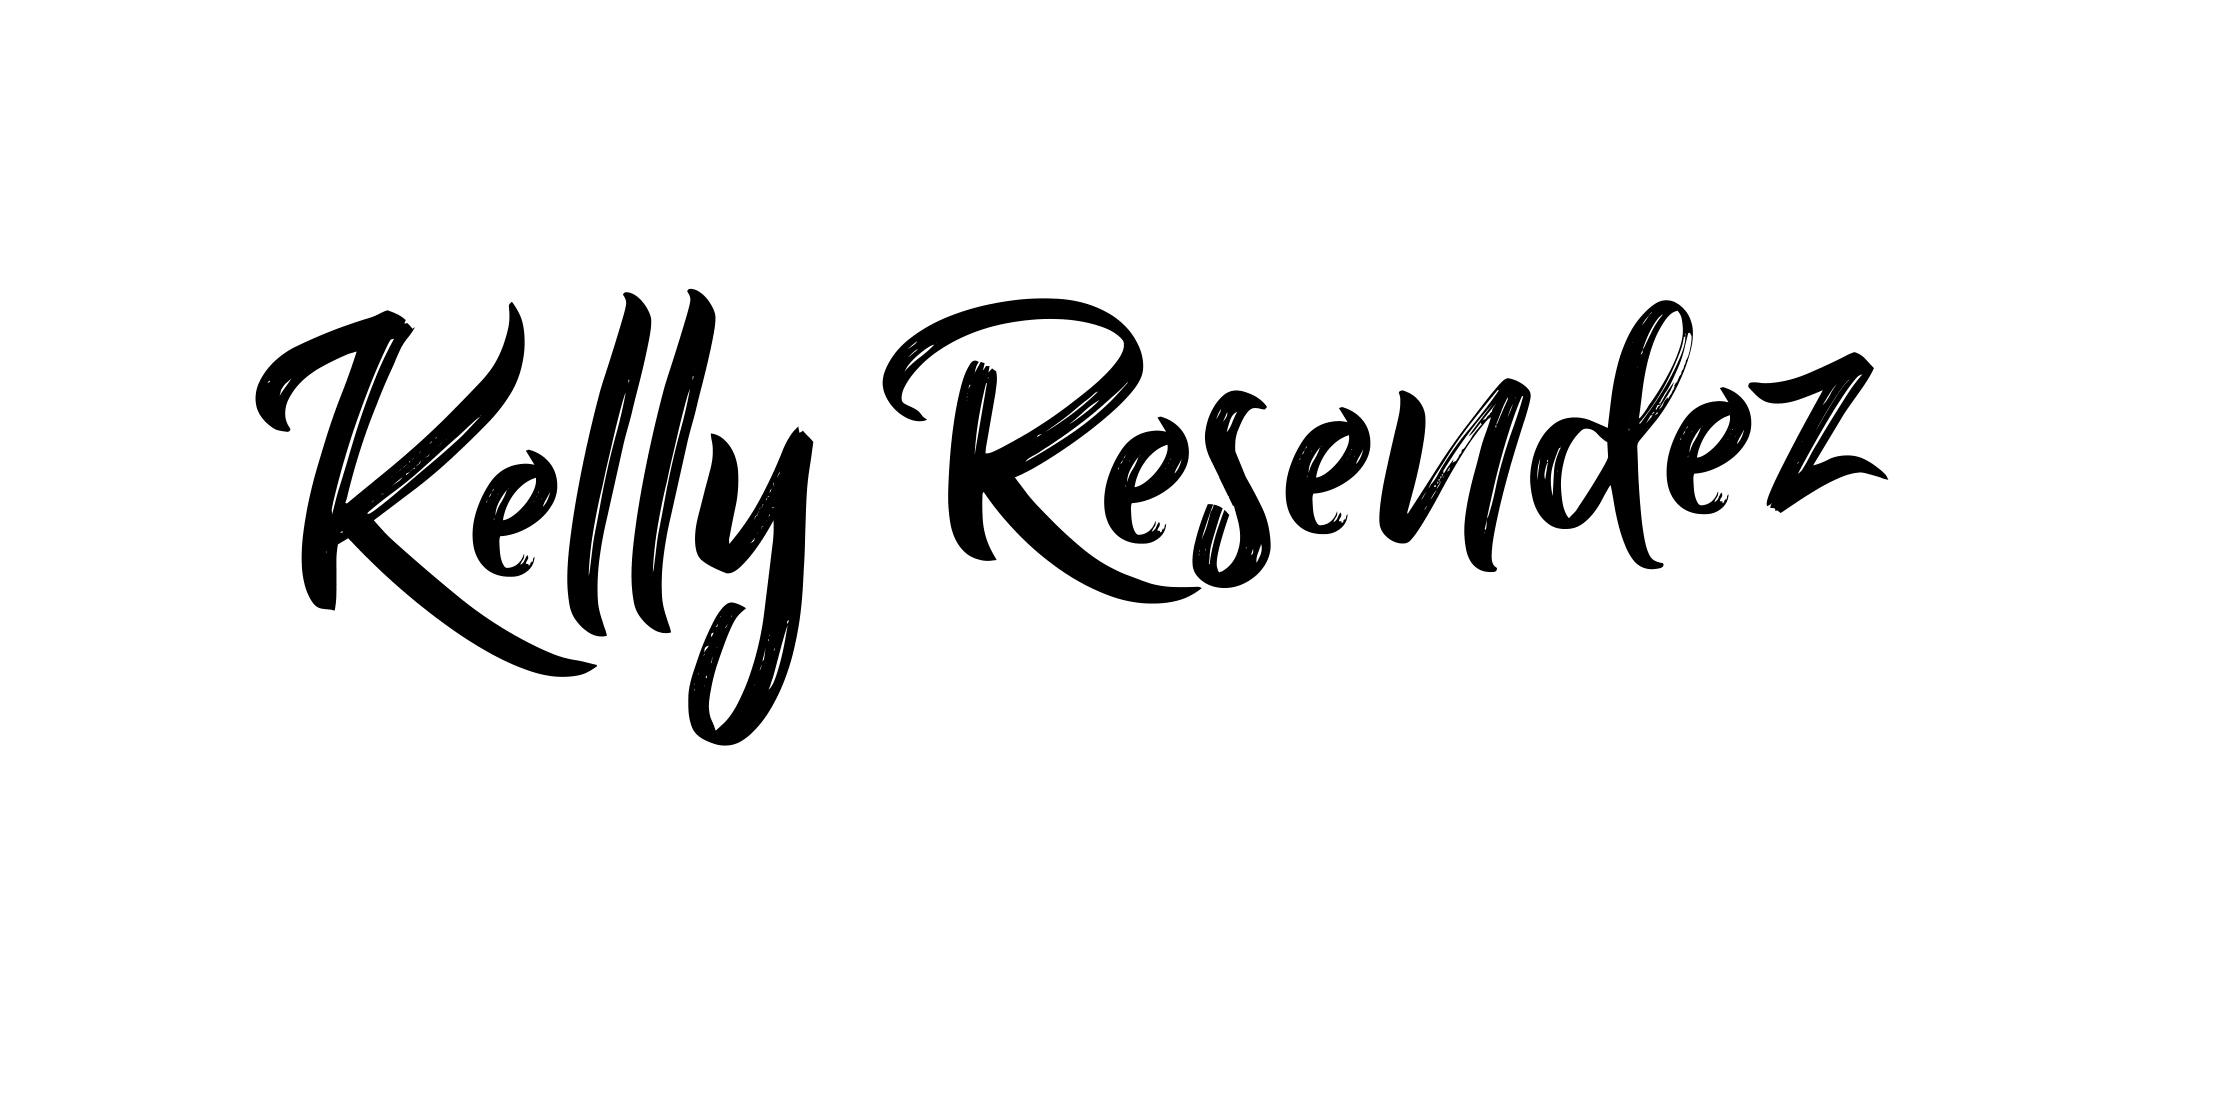 Kelly Resendez